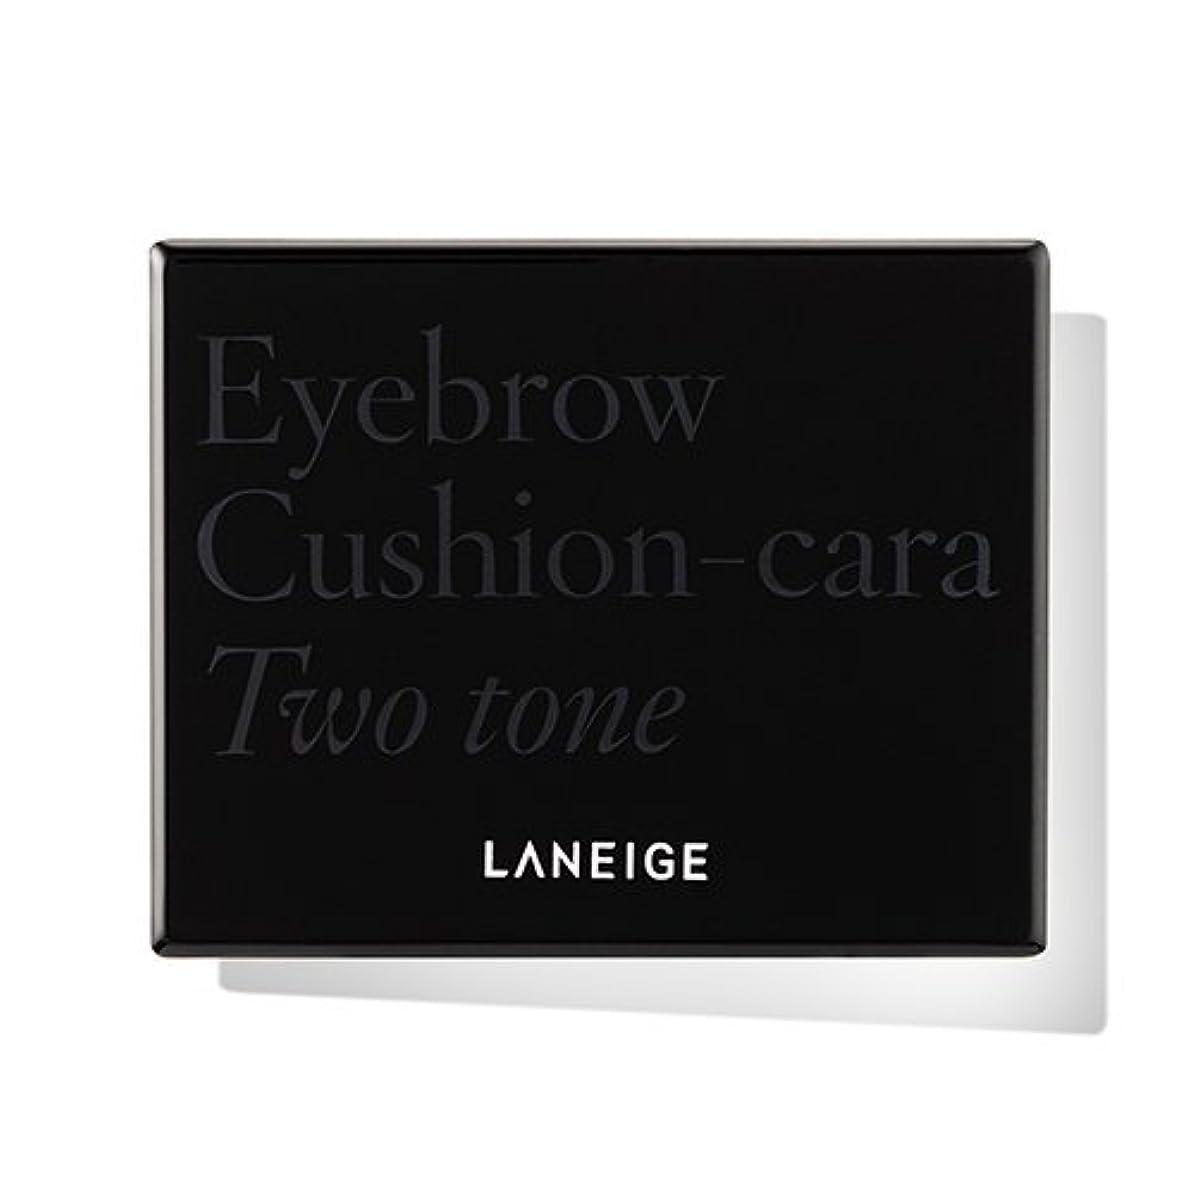 応用ミキサー注入[New] LANEIGE Eyebrow Cushion-cara 6g/ラネージュ アイブロウ クッション カラ 6g (#2 Two Tone Brown) [並行輸入品]